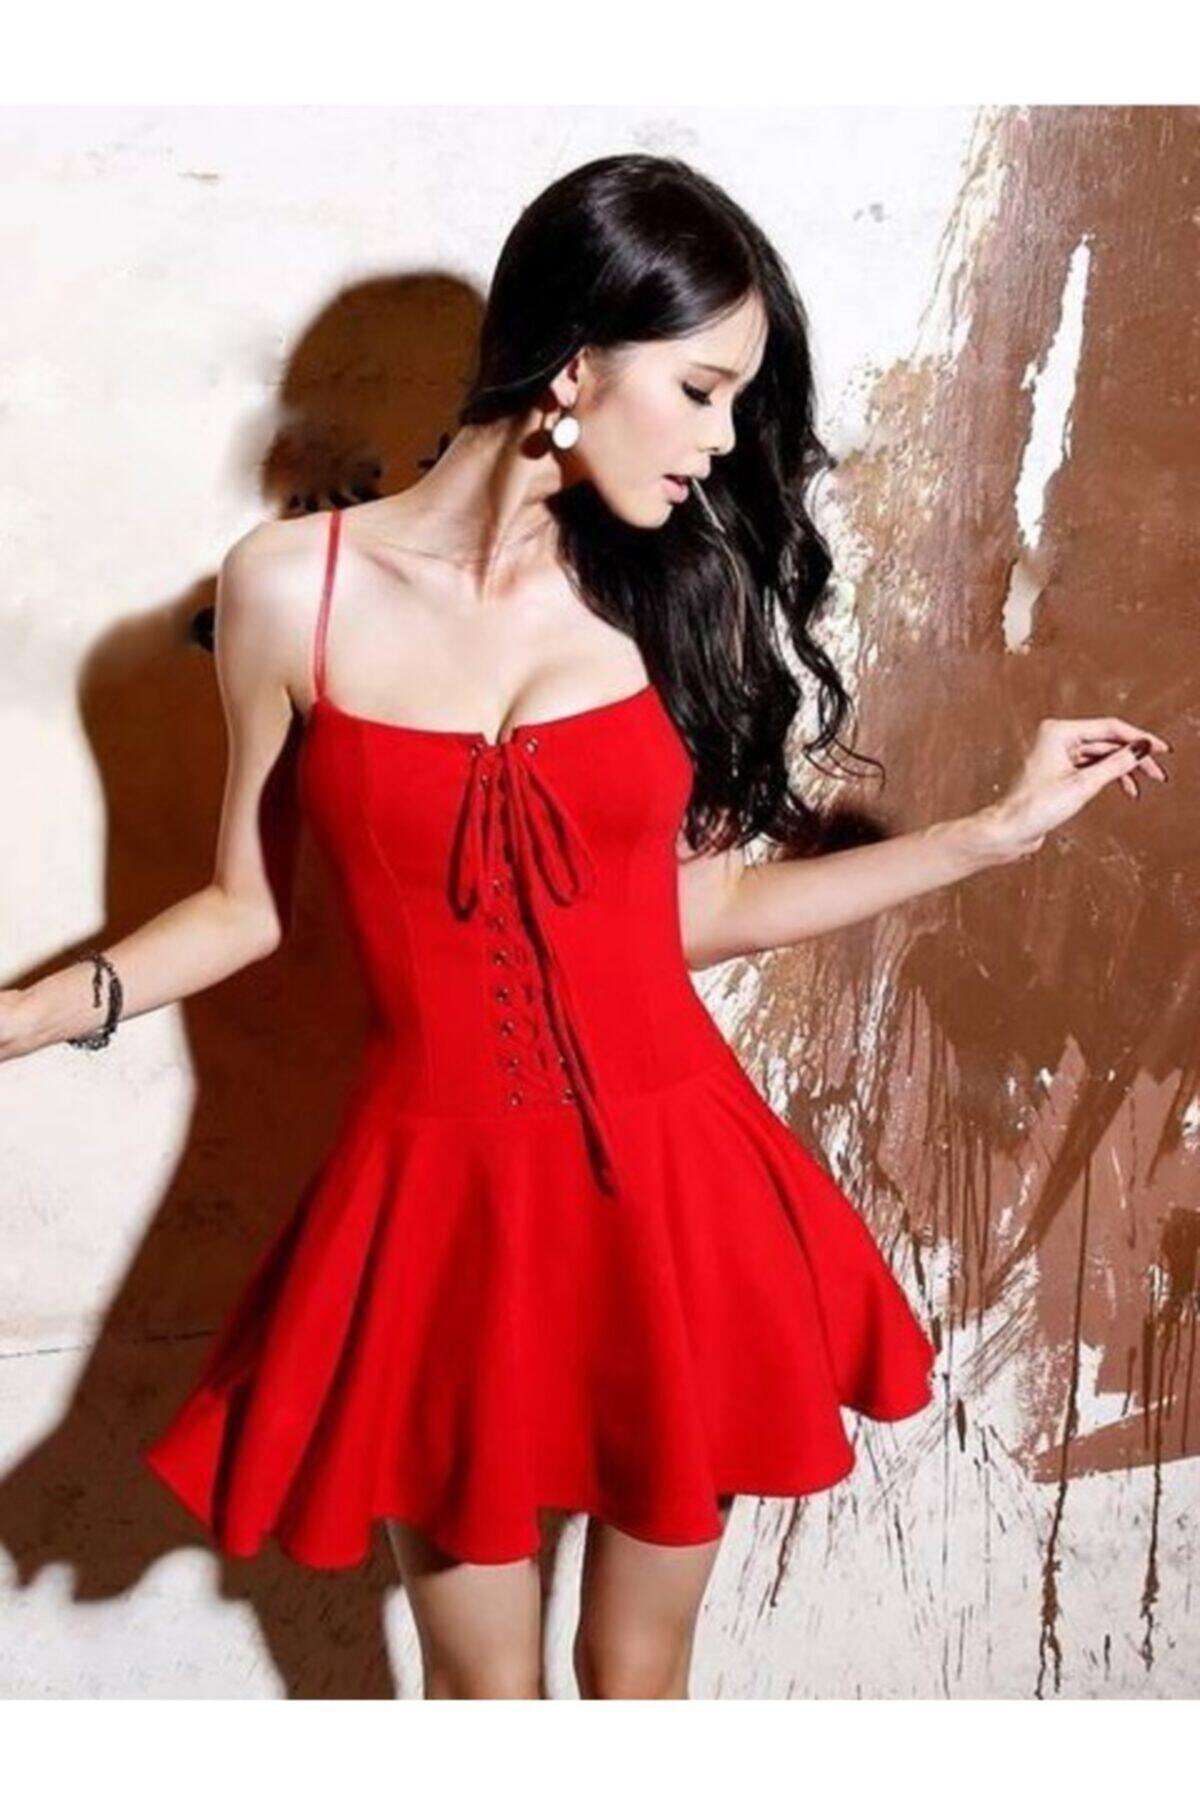 Esnek Dalgıç Kumaş Önden Bağcık Detaylı Askılı Kırmızı Kiloş Elbise Red Mini Dress